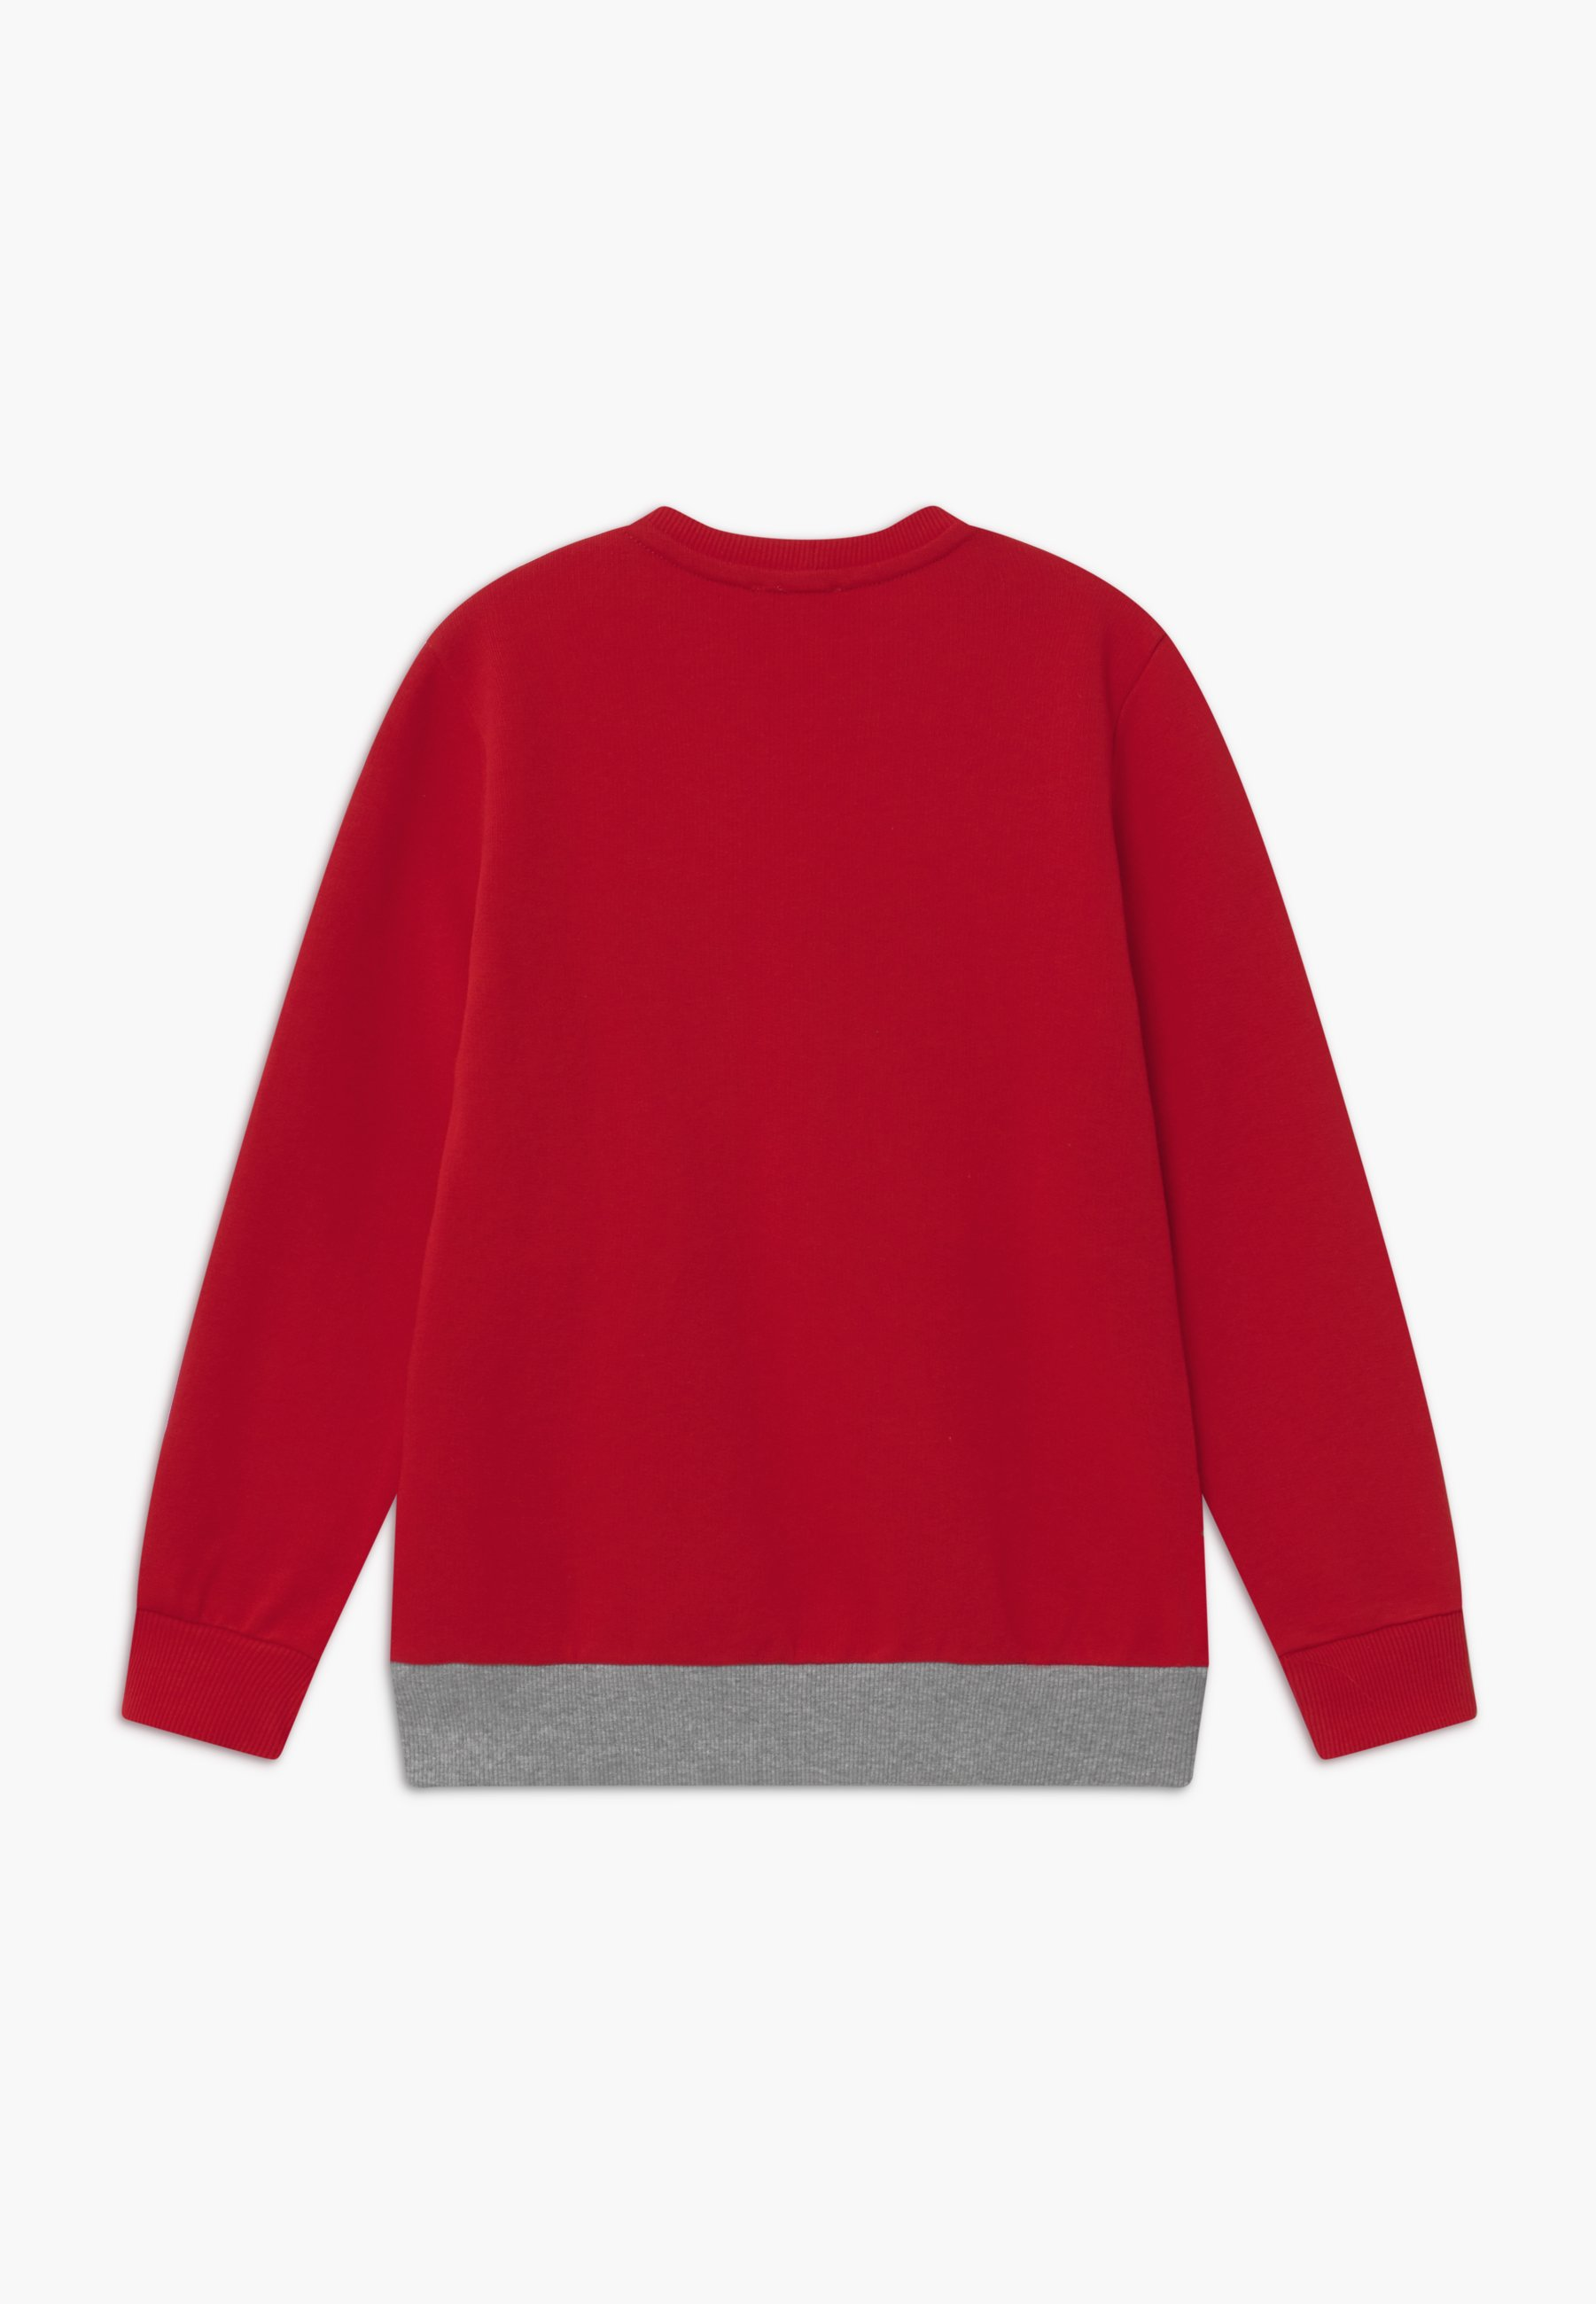 Skjorter til dame, herre og barn Benetton på nett hos Zalando.no